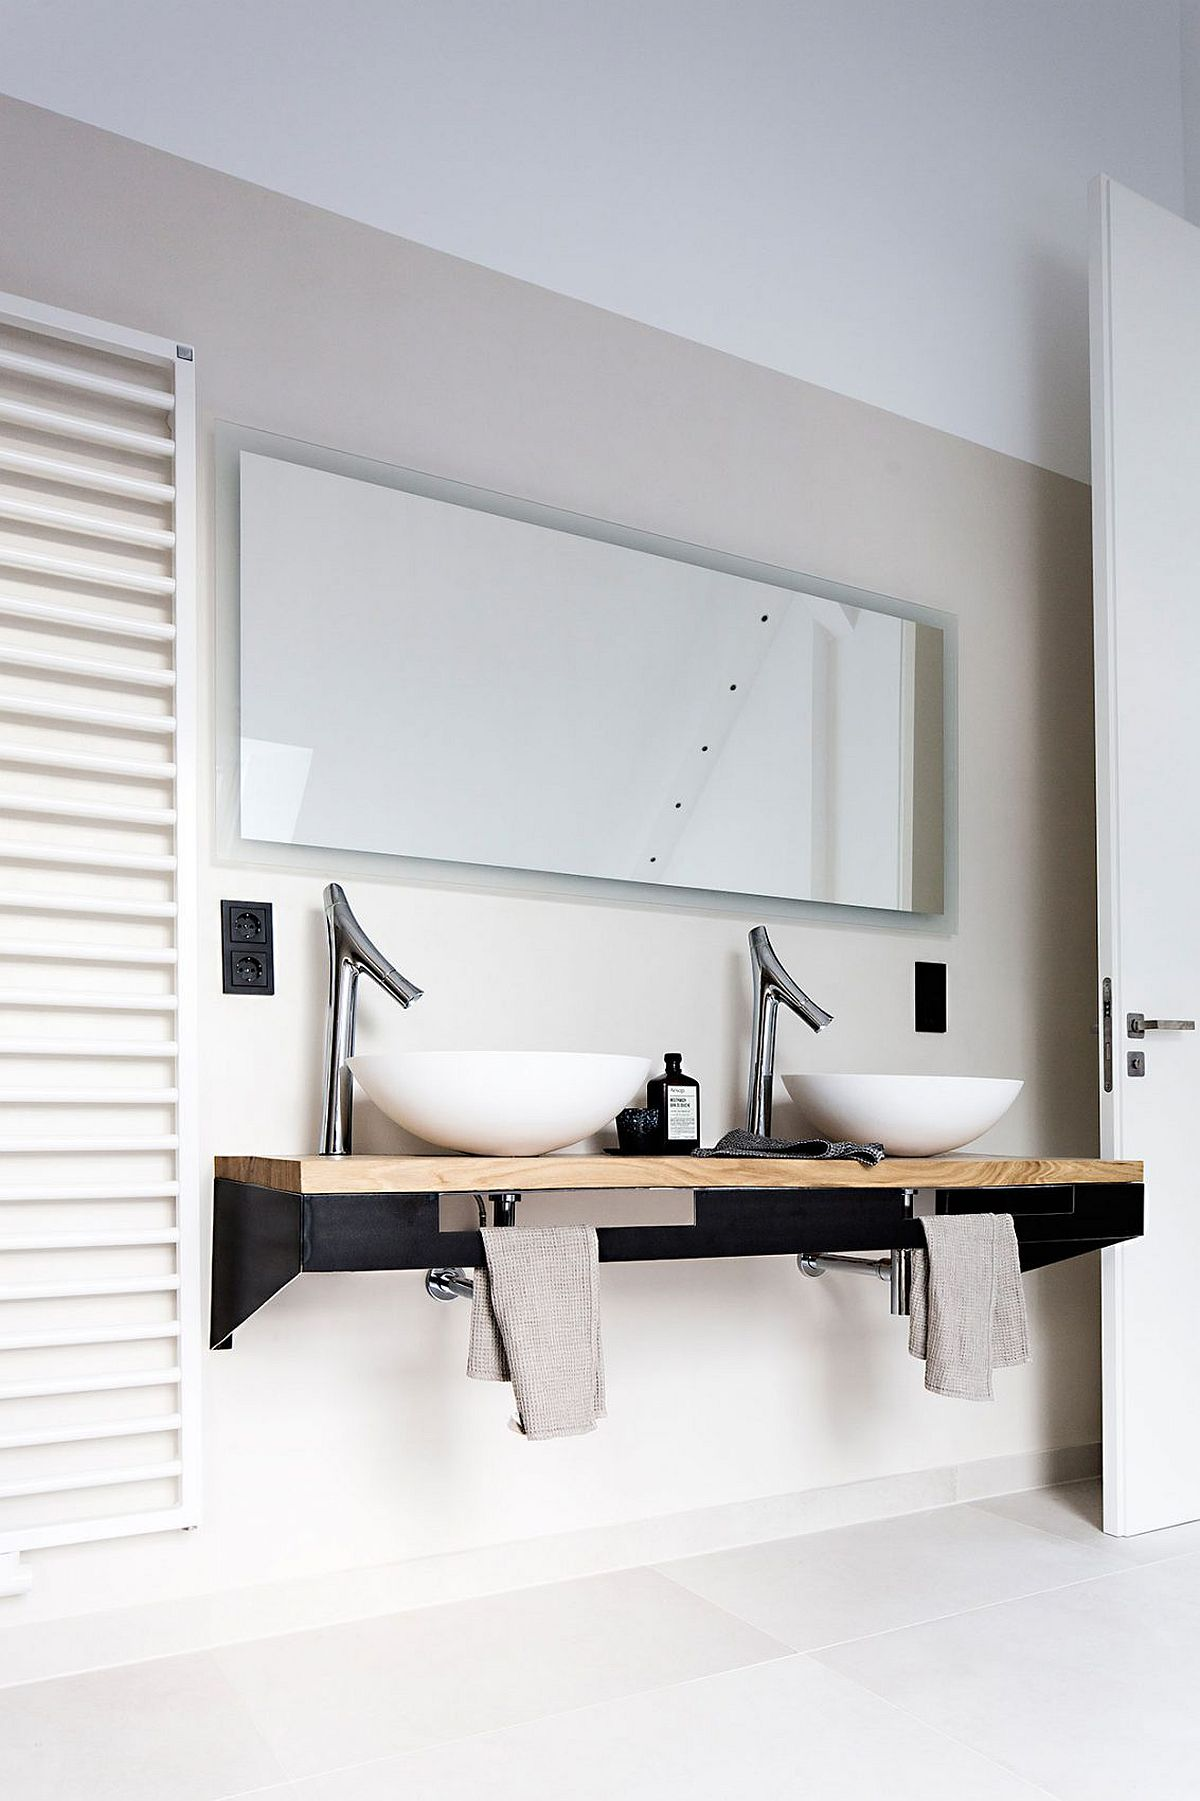 Sleek, flaoting bathroom vaity with wooden top